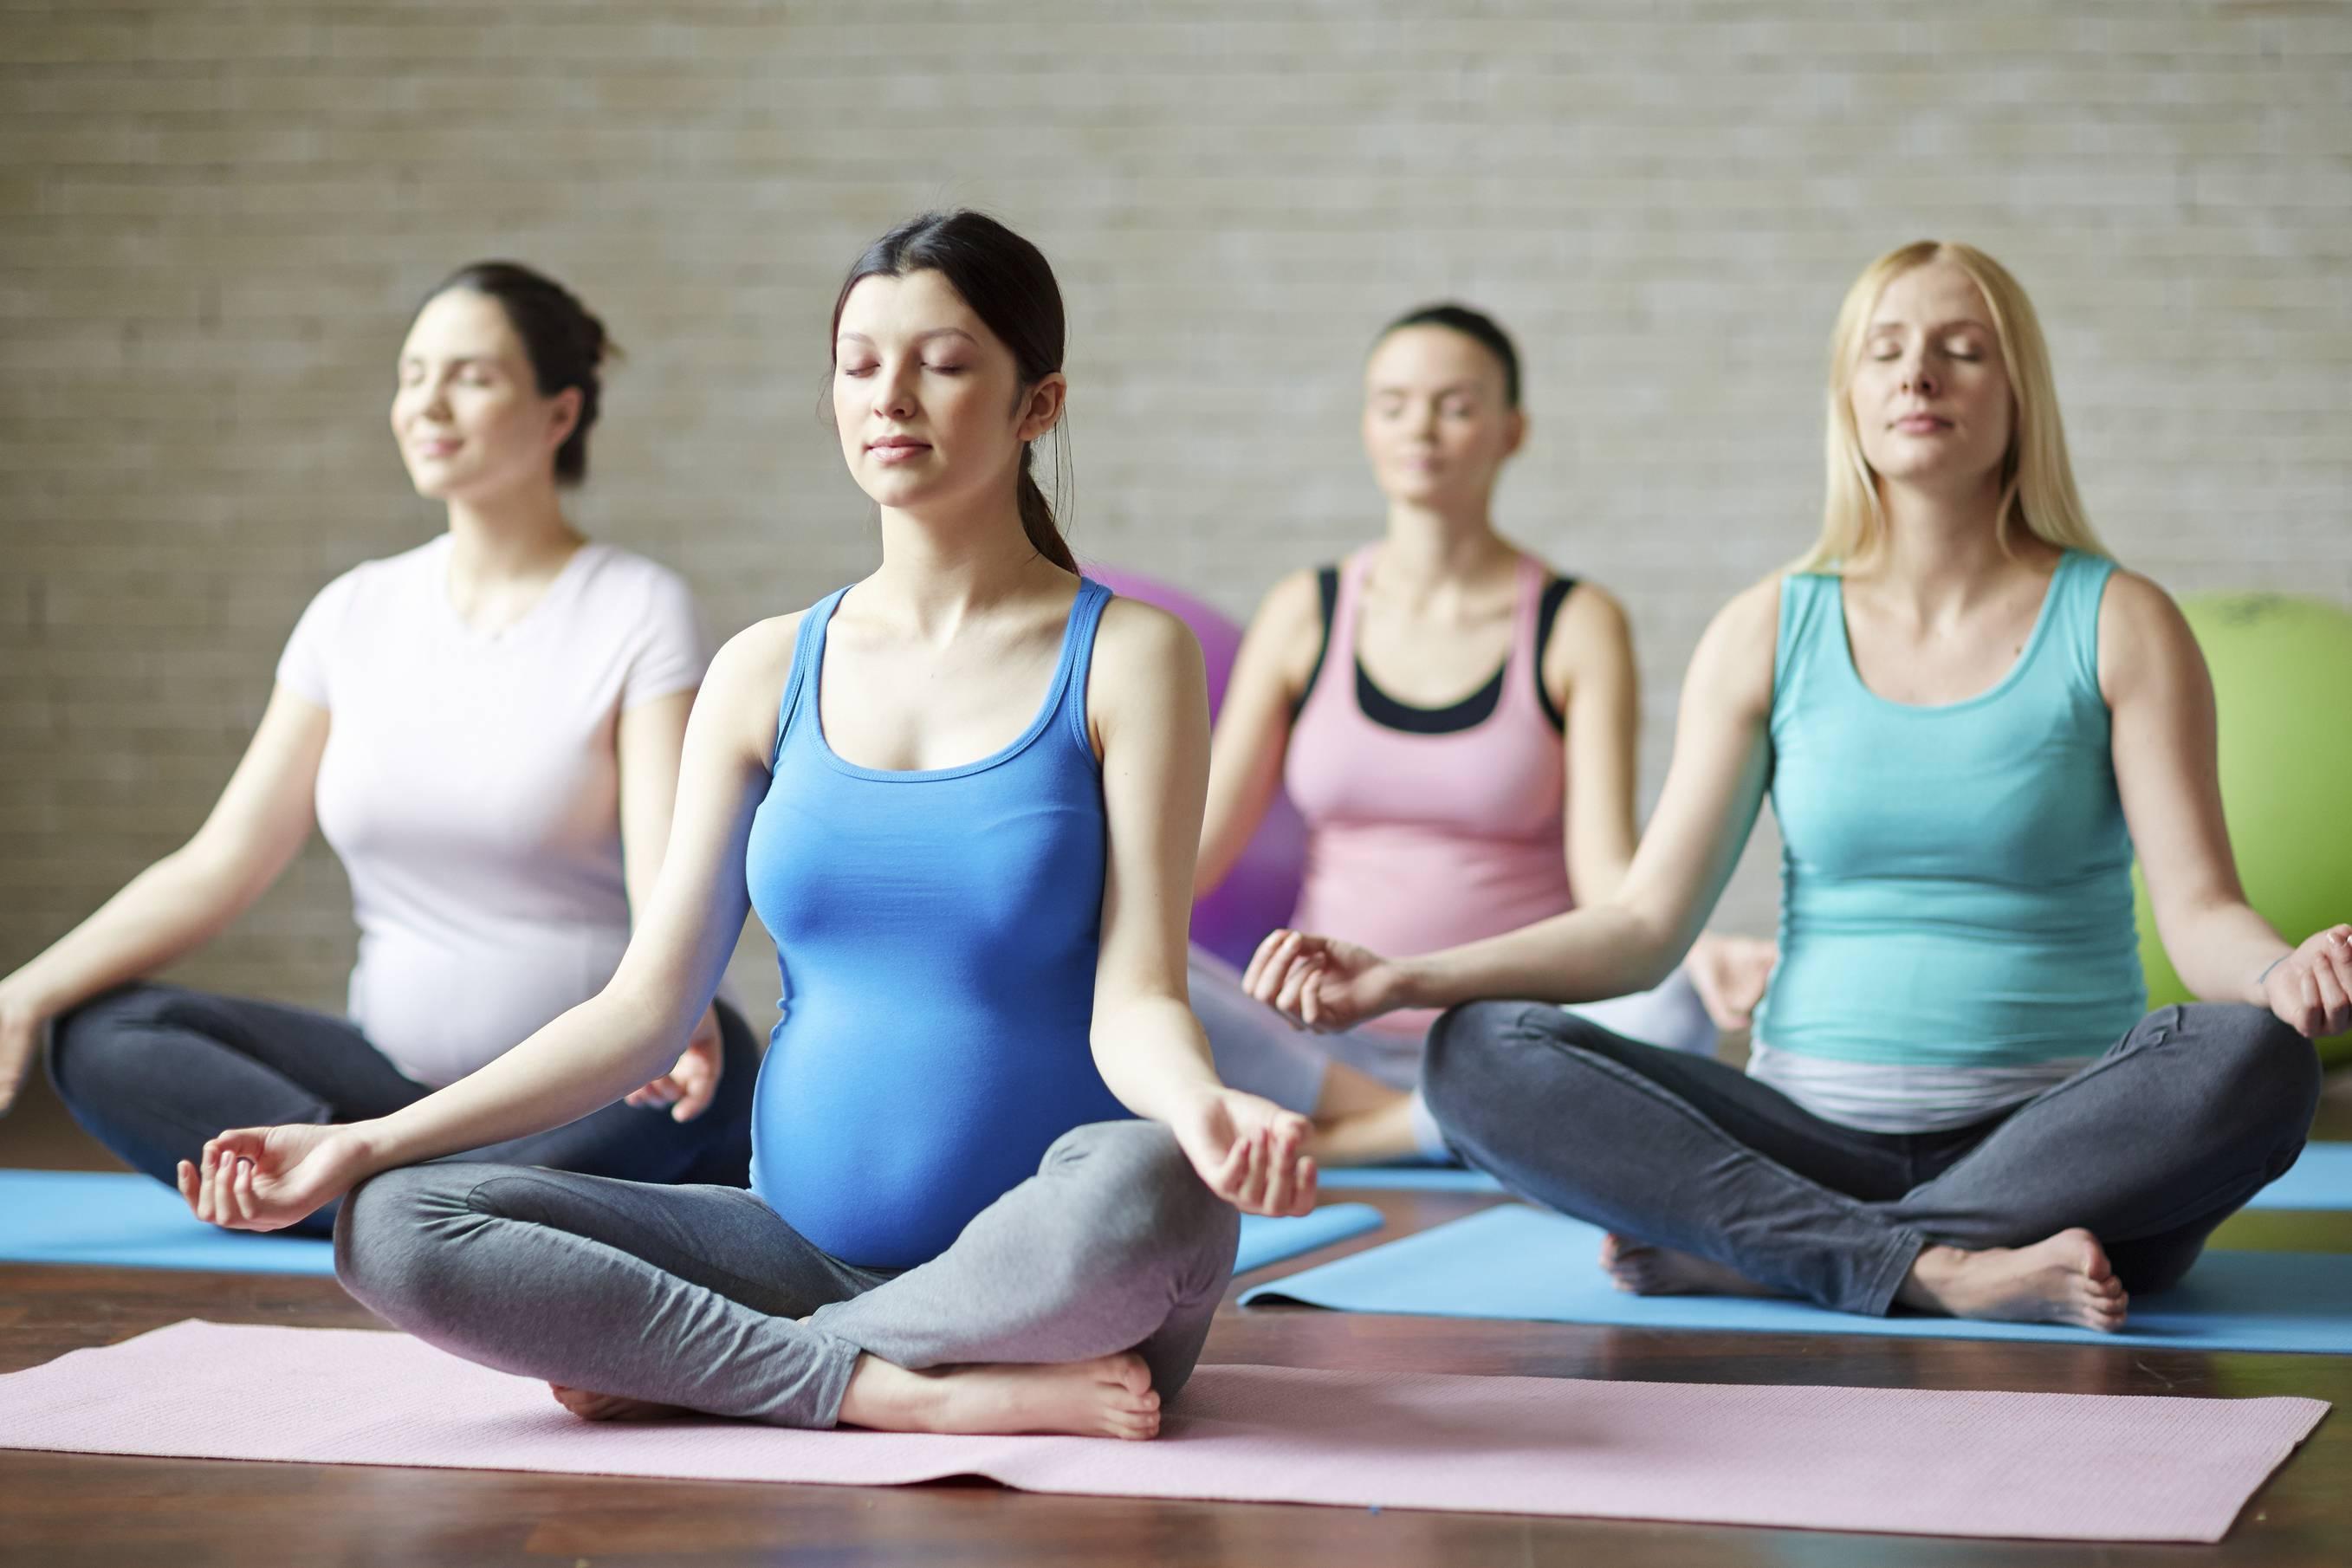 Йога - философия, медицина - что и как лечат занятия йогой?